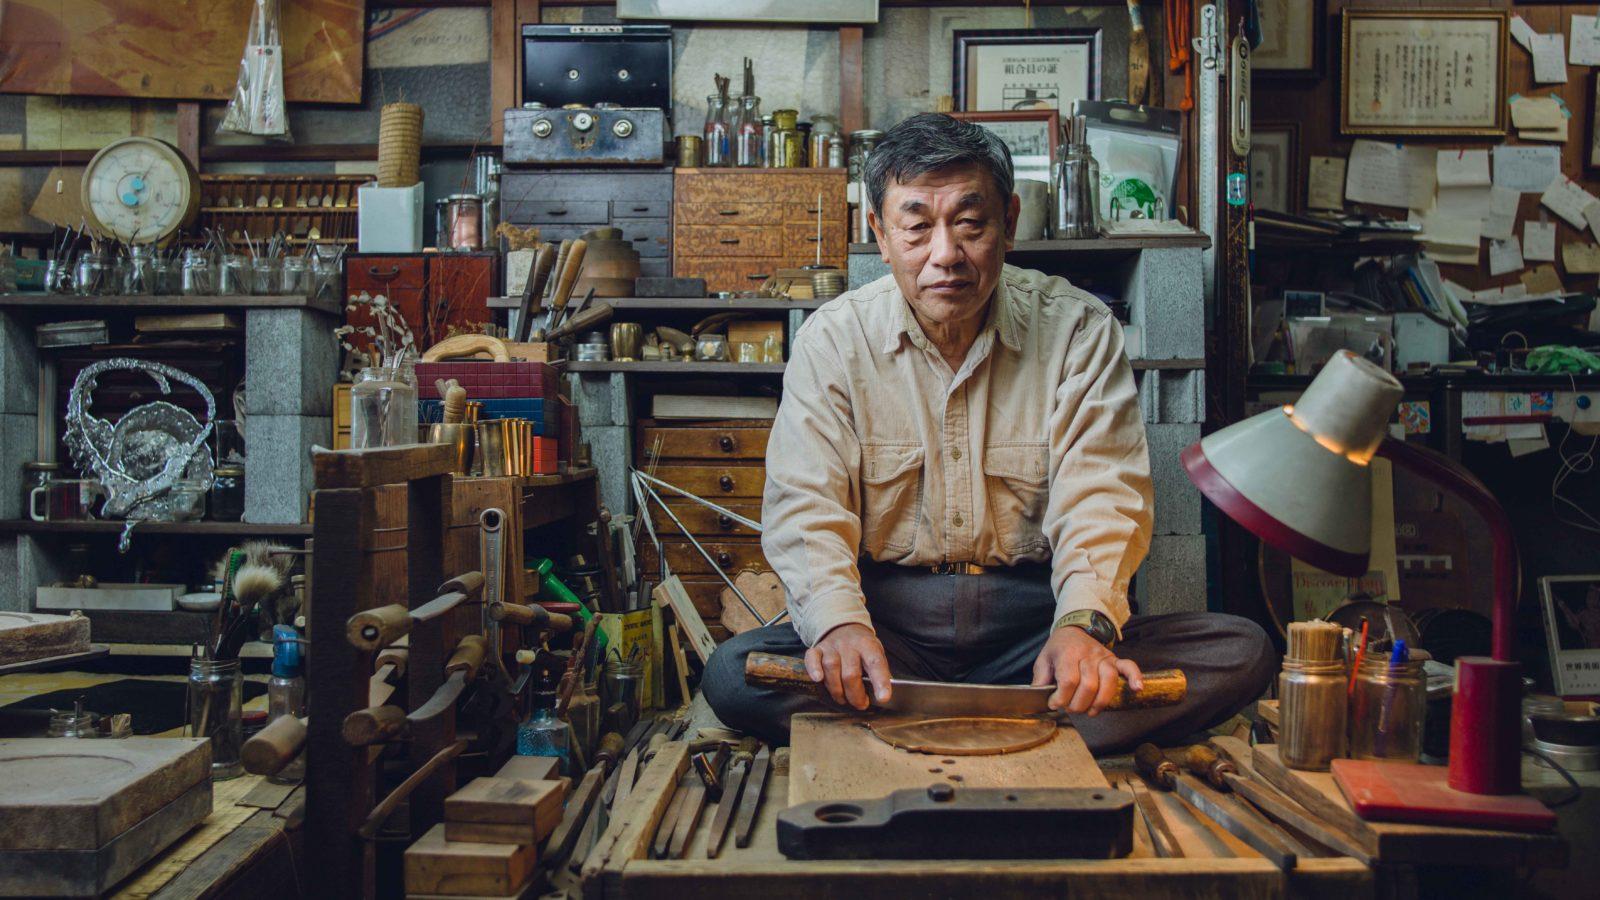 Un homme chinois fabrique un miroir magique.